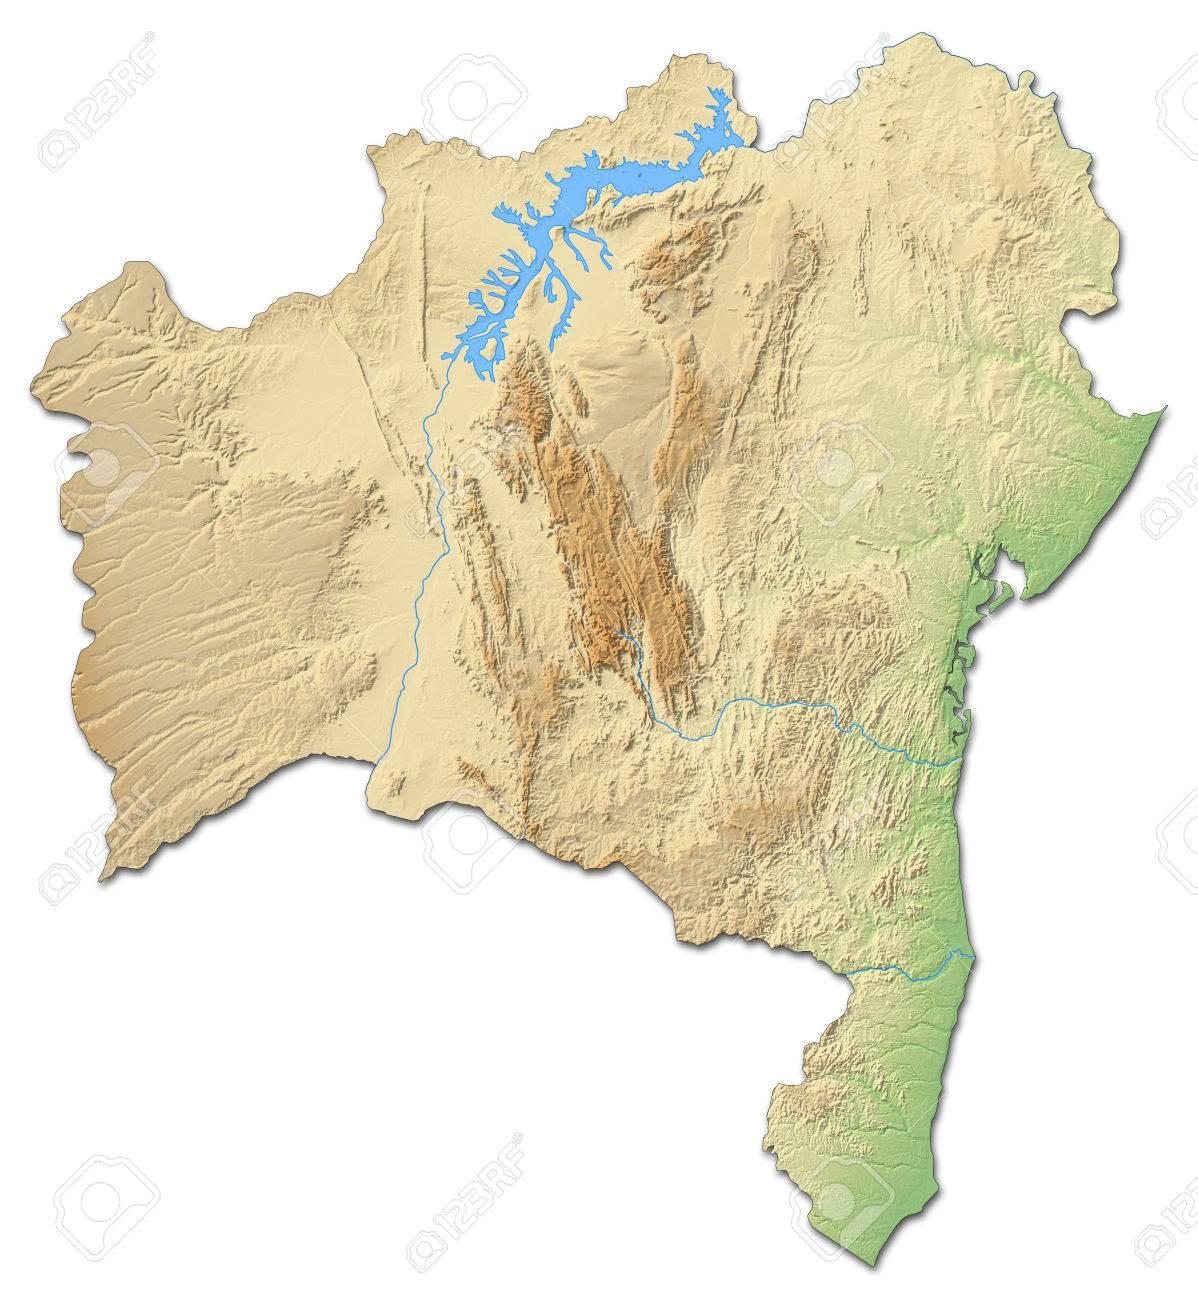 Carte Bresil Relief.Carte Du Relief De Bahia Une Province Du Bresil Avec Un Relief